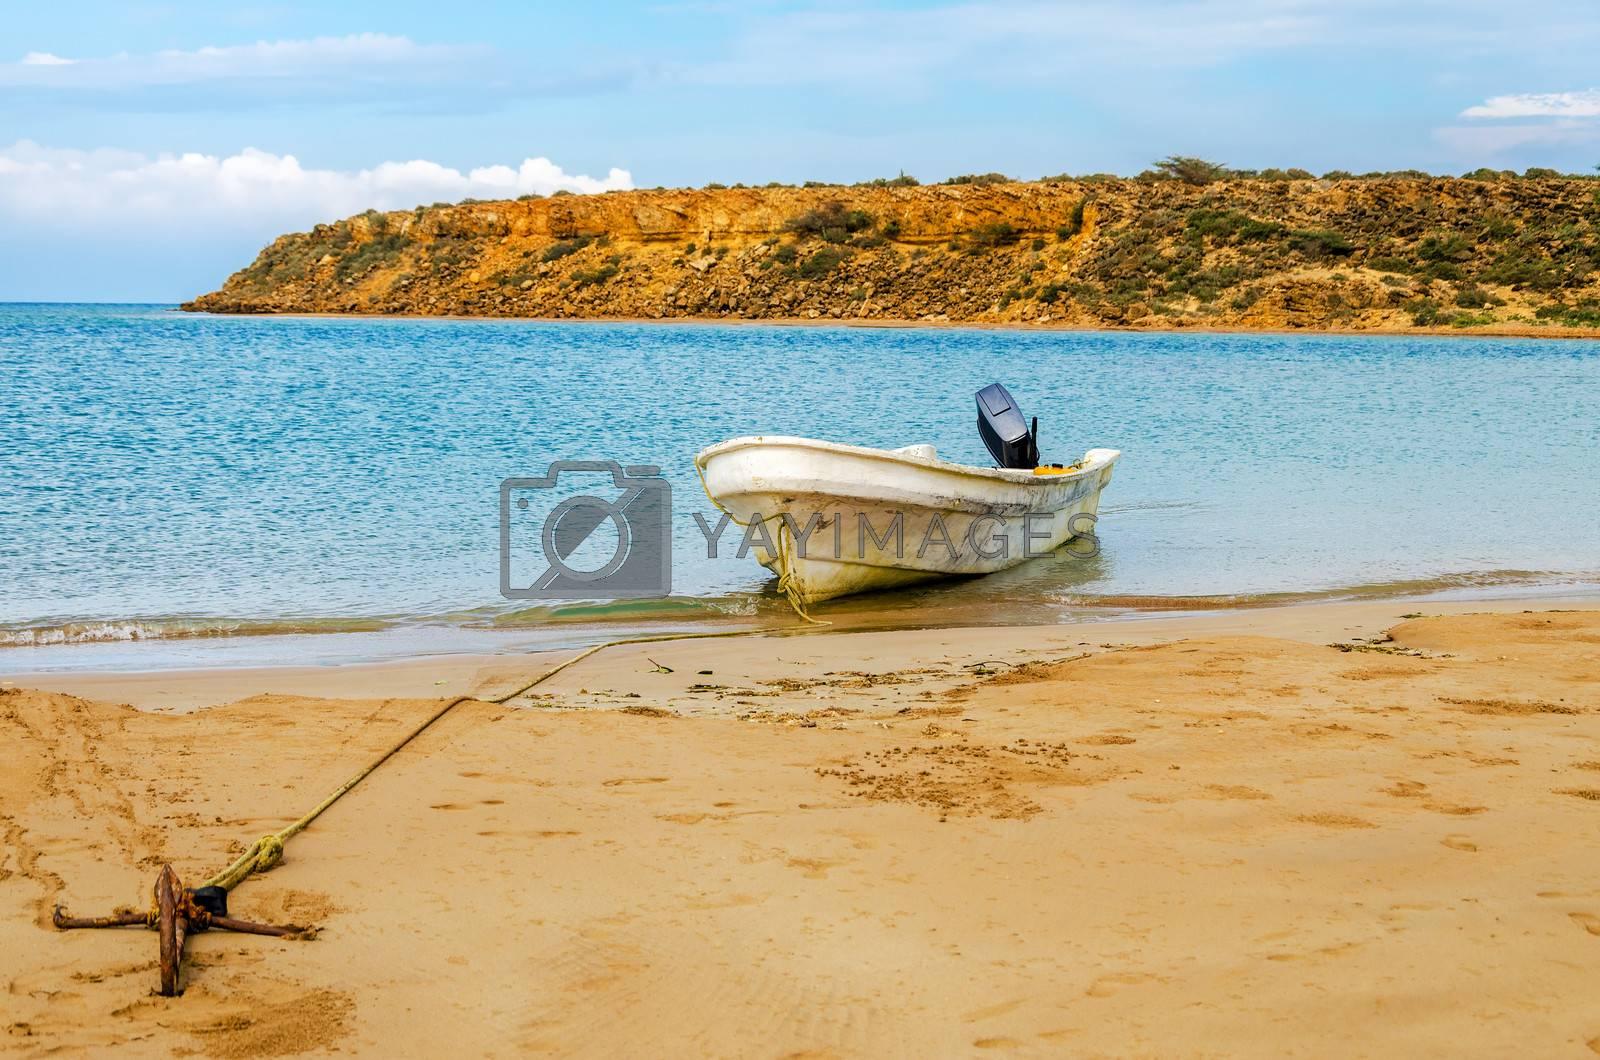 Boat anchored to the shore near Punta Gallinas in La Guajira, Colombia